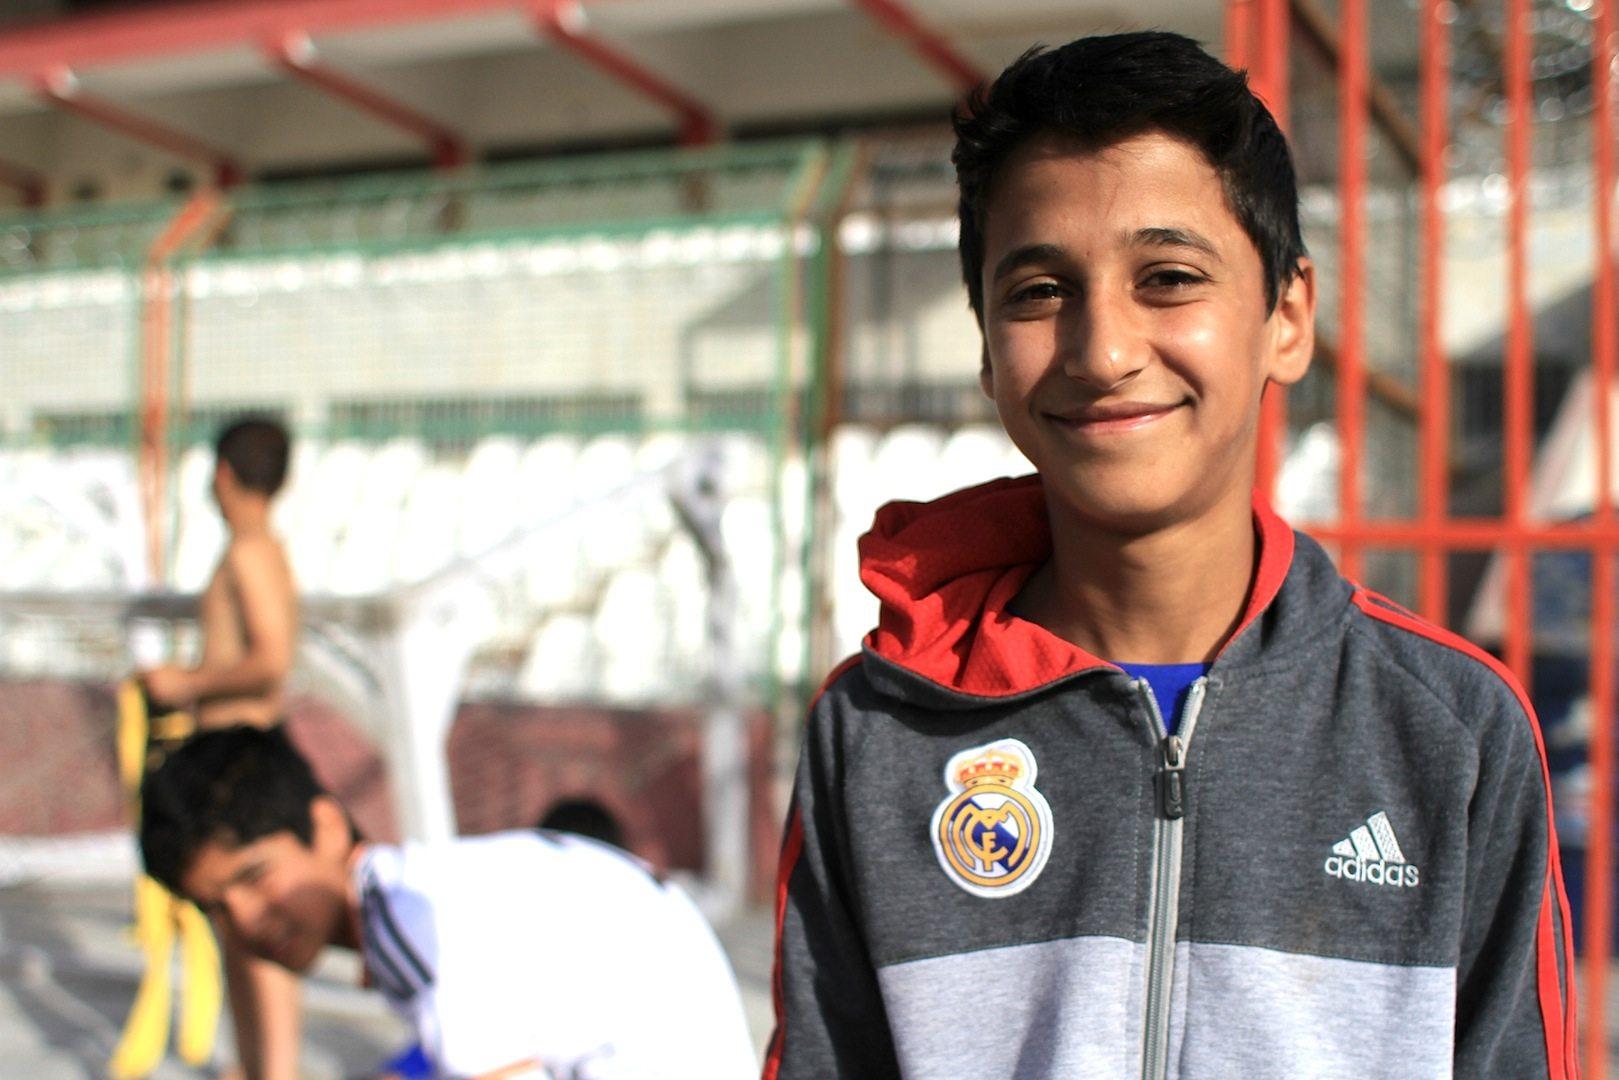 Der Fußballer. Rashid will Fußballer werden. Am besten wie Cristiano Ronaldo.